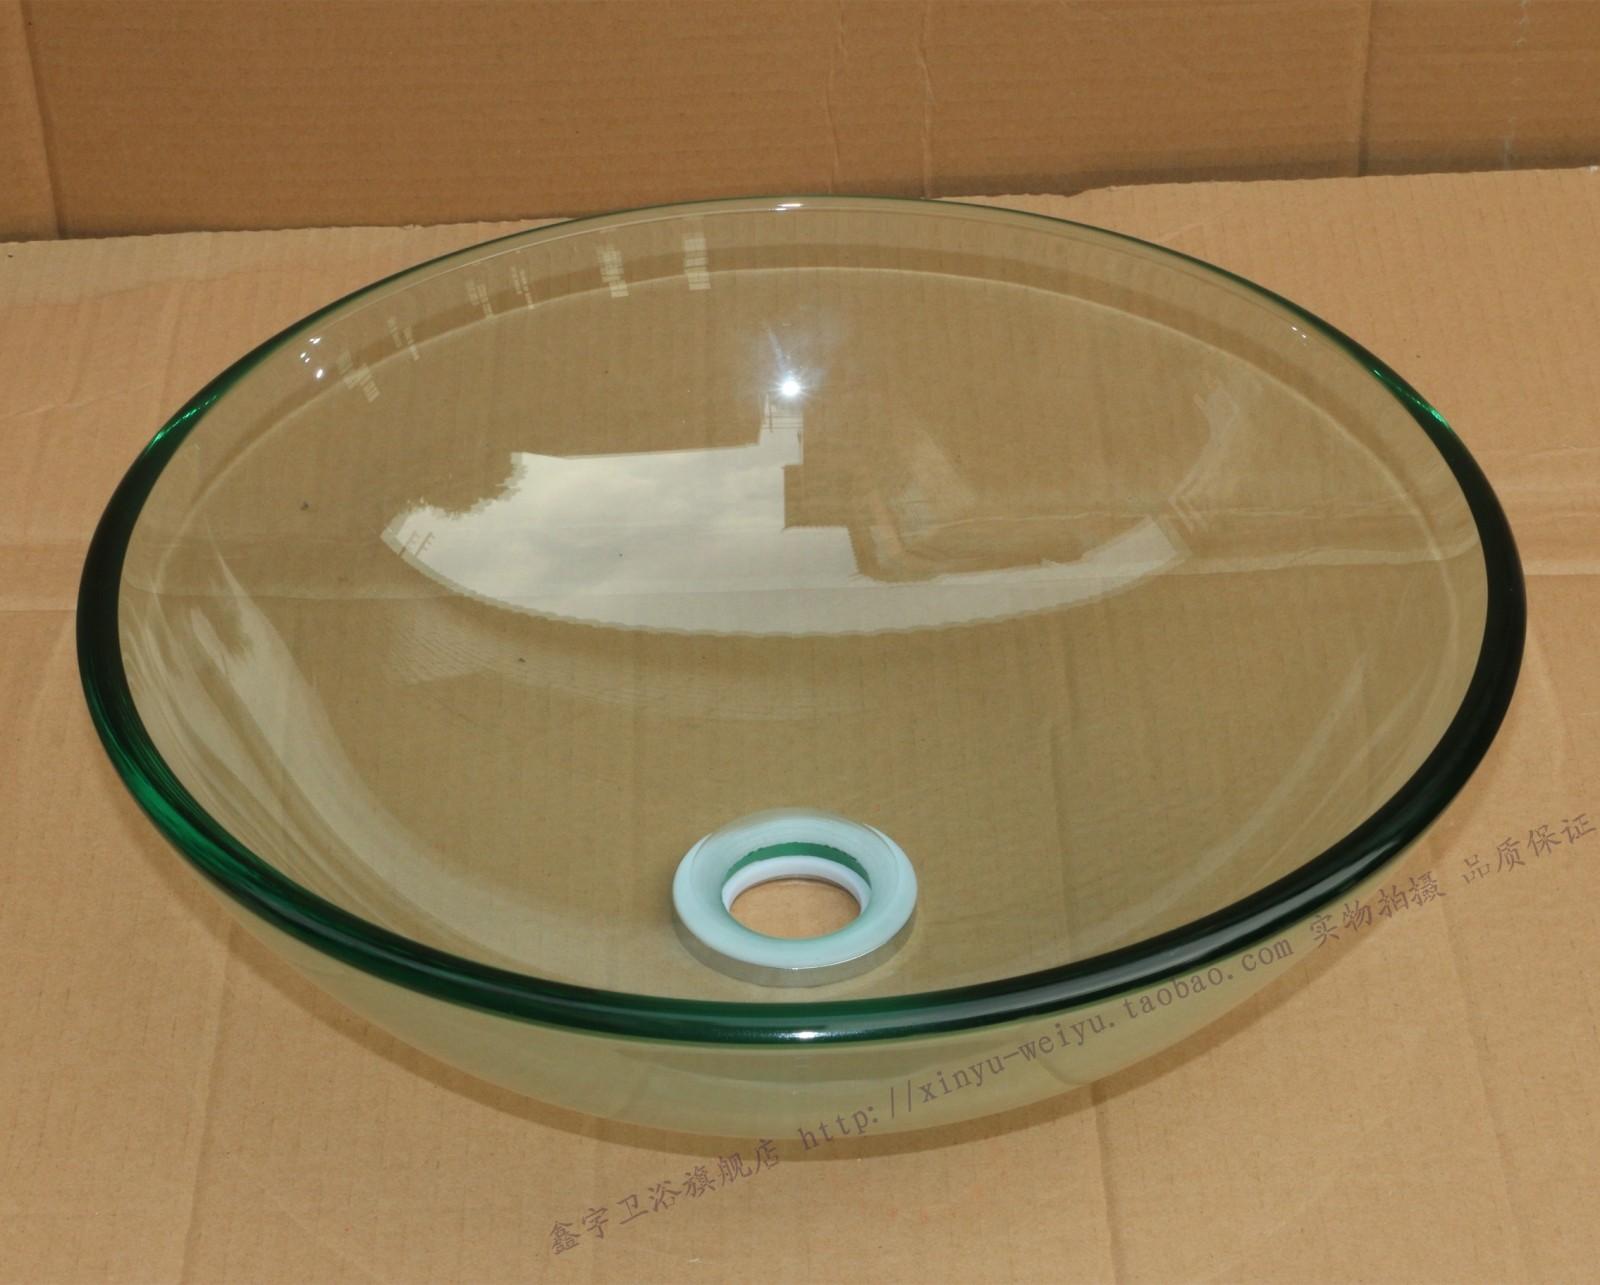 Раковина для мебели Xin Yu bathroom женский пуховик xin yu 001